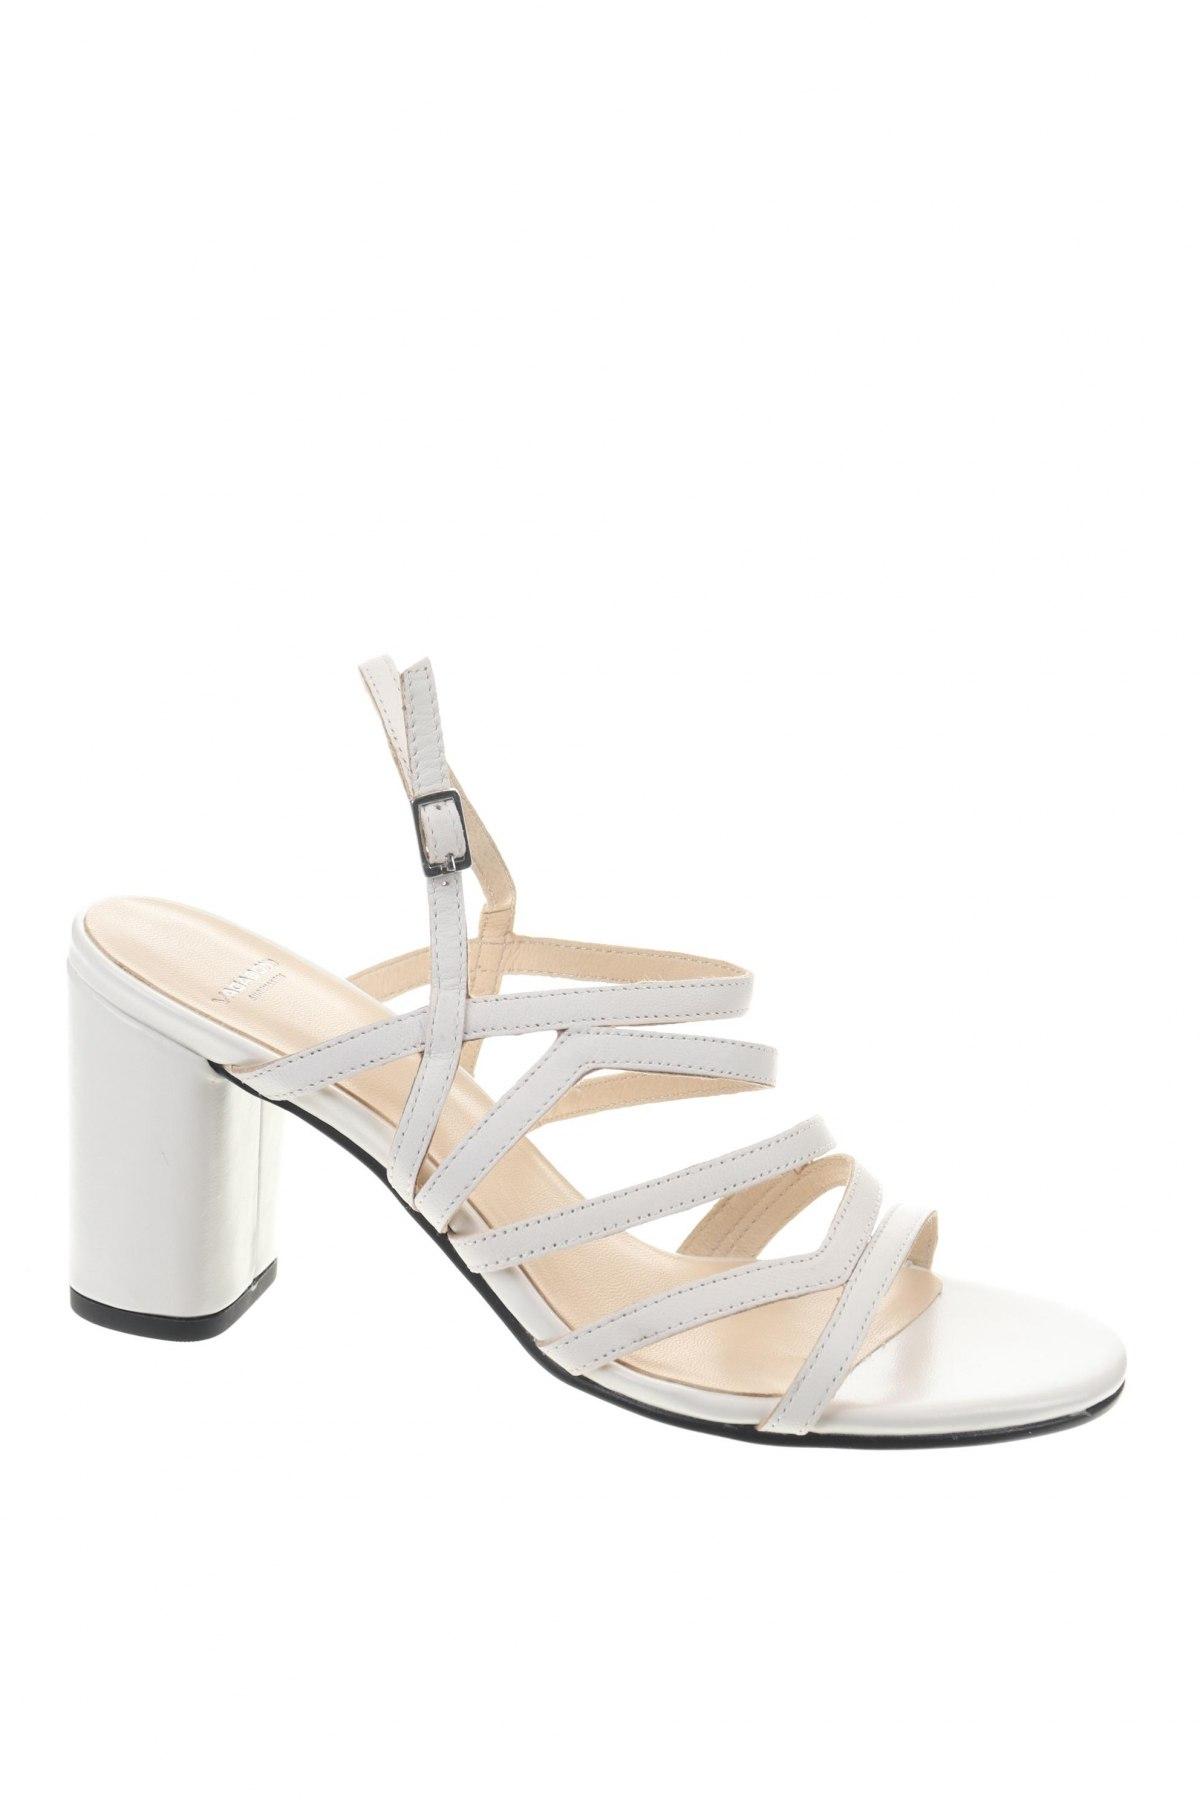 Σανδάλια Vagabond, Μέγεθος 38, Χρώμα Λευκό, Γνήσιο δέρμα, Τιμή 43,56€